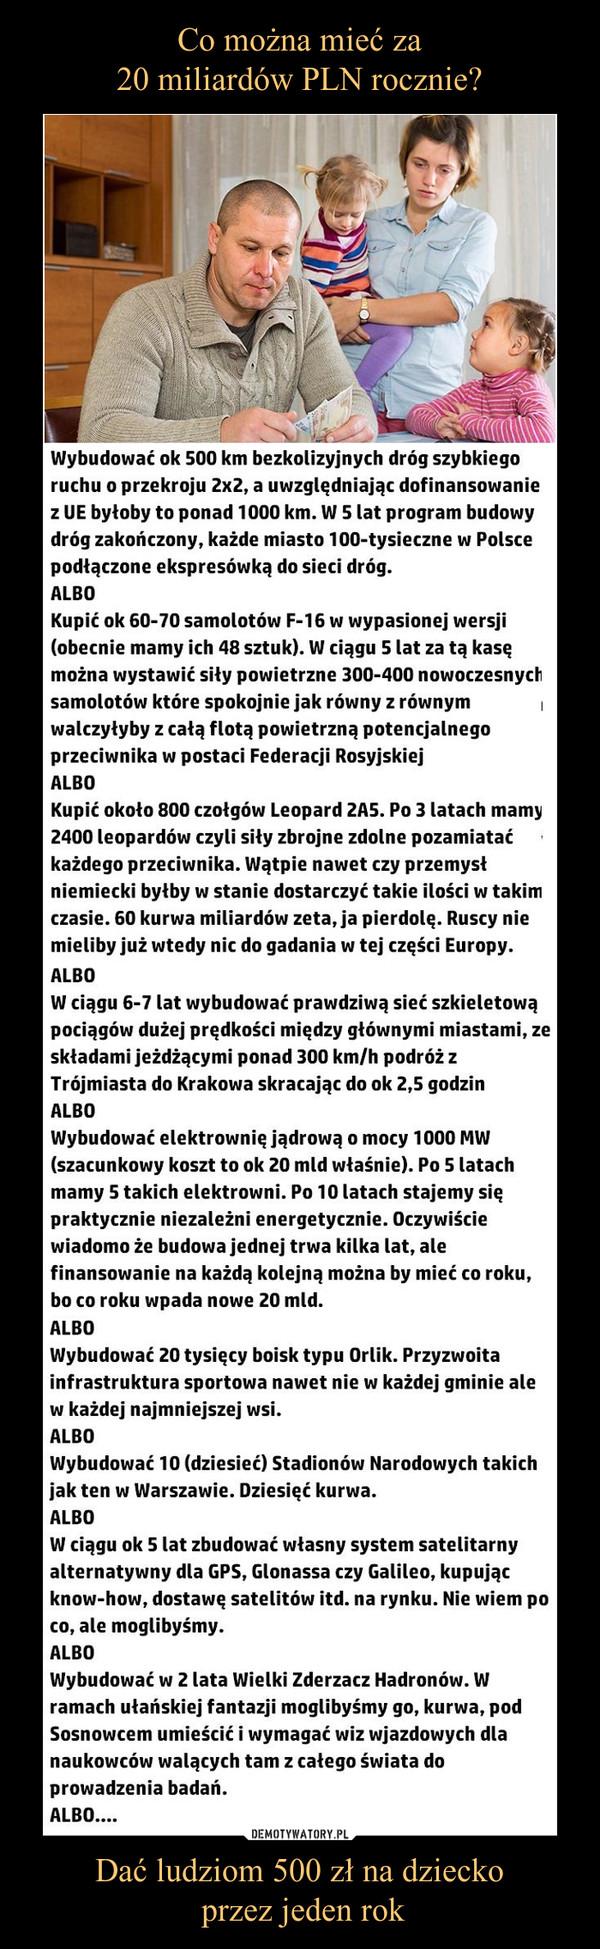 Dać ludziom 500 zł na dziecko przez jeden rok –  Co można mieć za 20 miliardów PLN rocznie?Wybudować ok 500 km bezkolizyjnych dróg szybkiego ruchu o przekroju 2x2, a uwzględniając dofinansowanie z UE byłoby to ponad 1000 km. W 5 lat program budowy dróg zakończony, każde miasto 100-tysieczne w Polsce podłączone ekspresówką do sieci dróg.ALBOKupić ok 60-70 samolotów F-16 w wypasionej wersji (obecnie mamy ich 48 sztuk). W ciągu 5 lat za tą kasę można wystawić siły powietrzne 300-400 nowoczesnych samolotów które spokojnie jak równy z równym walczyłyby z całą flotą powietrzną potencjalnego przeciwnika w postaci Federacji RosyjskiejALBOKupić około 800 czołgów Leopard 2A5. Po 3 latach mamy 2400 leopardów czyli siły zbrojne zdolne pozamiatać każdego przeciwnika. Wątpie nawet czy przemysł niemiecki byłby w stanie dostarczyć takie ilości w takim czasie. 60 kurwa miliardów zeta, ja pierdolę. Ruscy nie mieliby już wtedy nic do gadania w tej części Europy.ALBOW ciągu 6-7 lat wybudować prawdziwą sieć szkieletową pociągów dużej prędkości między głównymi miastami, ze składami jeżdżącymi ponad 300 km/h podróż z Trójmiasta do Krakowa skracając do ok 2,5 godzinALBOWybudować elektrownię jądrową o mocy 1000 MW (szacunkowy koszt to ok 20 mld właśnie). Po 5 latach mamy 5 takich elektrowni. Po 10 latach stajemy się praktycznie niezależni energetycznie. Oczywiście wiadomo że budowa jednej trwa kilka lat, ale finansowanie na każdą kolejną można by mieć co roku, bo co roku wpada nowe 20 mld.ALBOWybudować 20 tysięcy boisk typu Orlik. Przyzwoita infrastruktura sportowa nawet nie w każdej gminie ale w każdej najmniejszej wsi.ALBOWybudować 10 (dziesieć) Stadionów Narodowych takich jak ten w Warszawie. Dziesięć kurwa.ALBOW ciągu ok 5 lat zbudować własny system satelitarny alternatywny dla GPS, Glonassa czy Galileo, kupując know-how, dostawę satelitów itd. na rynku. Nie wiem po co, ale moglibyśmy.ALBOWybudować w 2 lata Wielki Zderzacz Hadronów. W ramach ułańskiej fantazji moglibyśmy go, kurwa, pod 